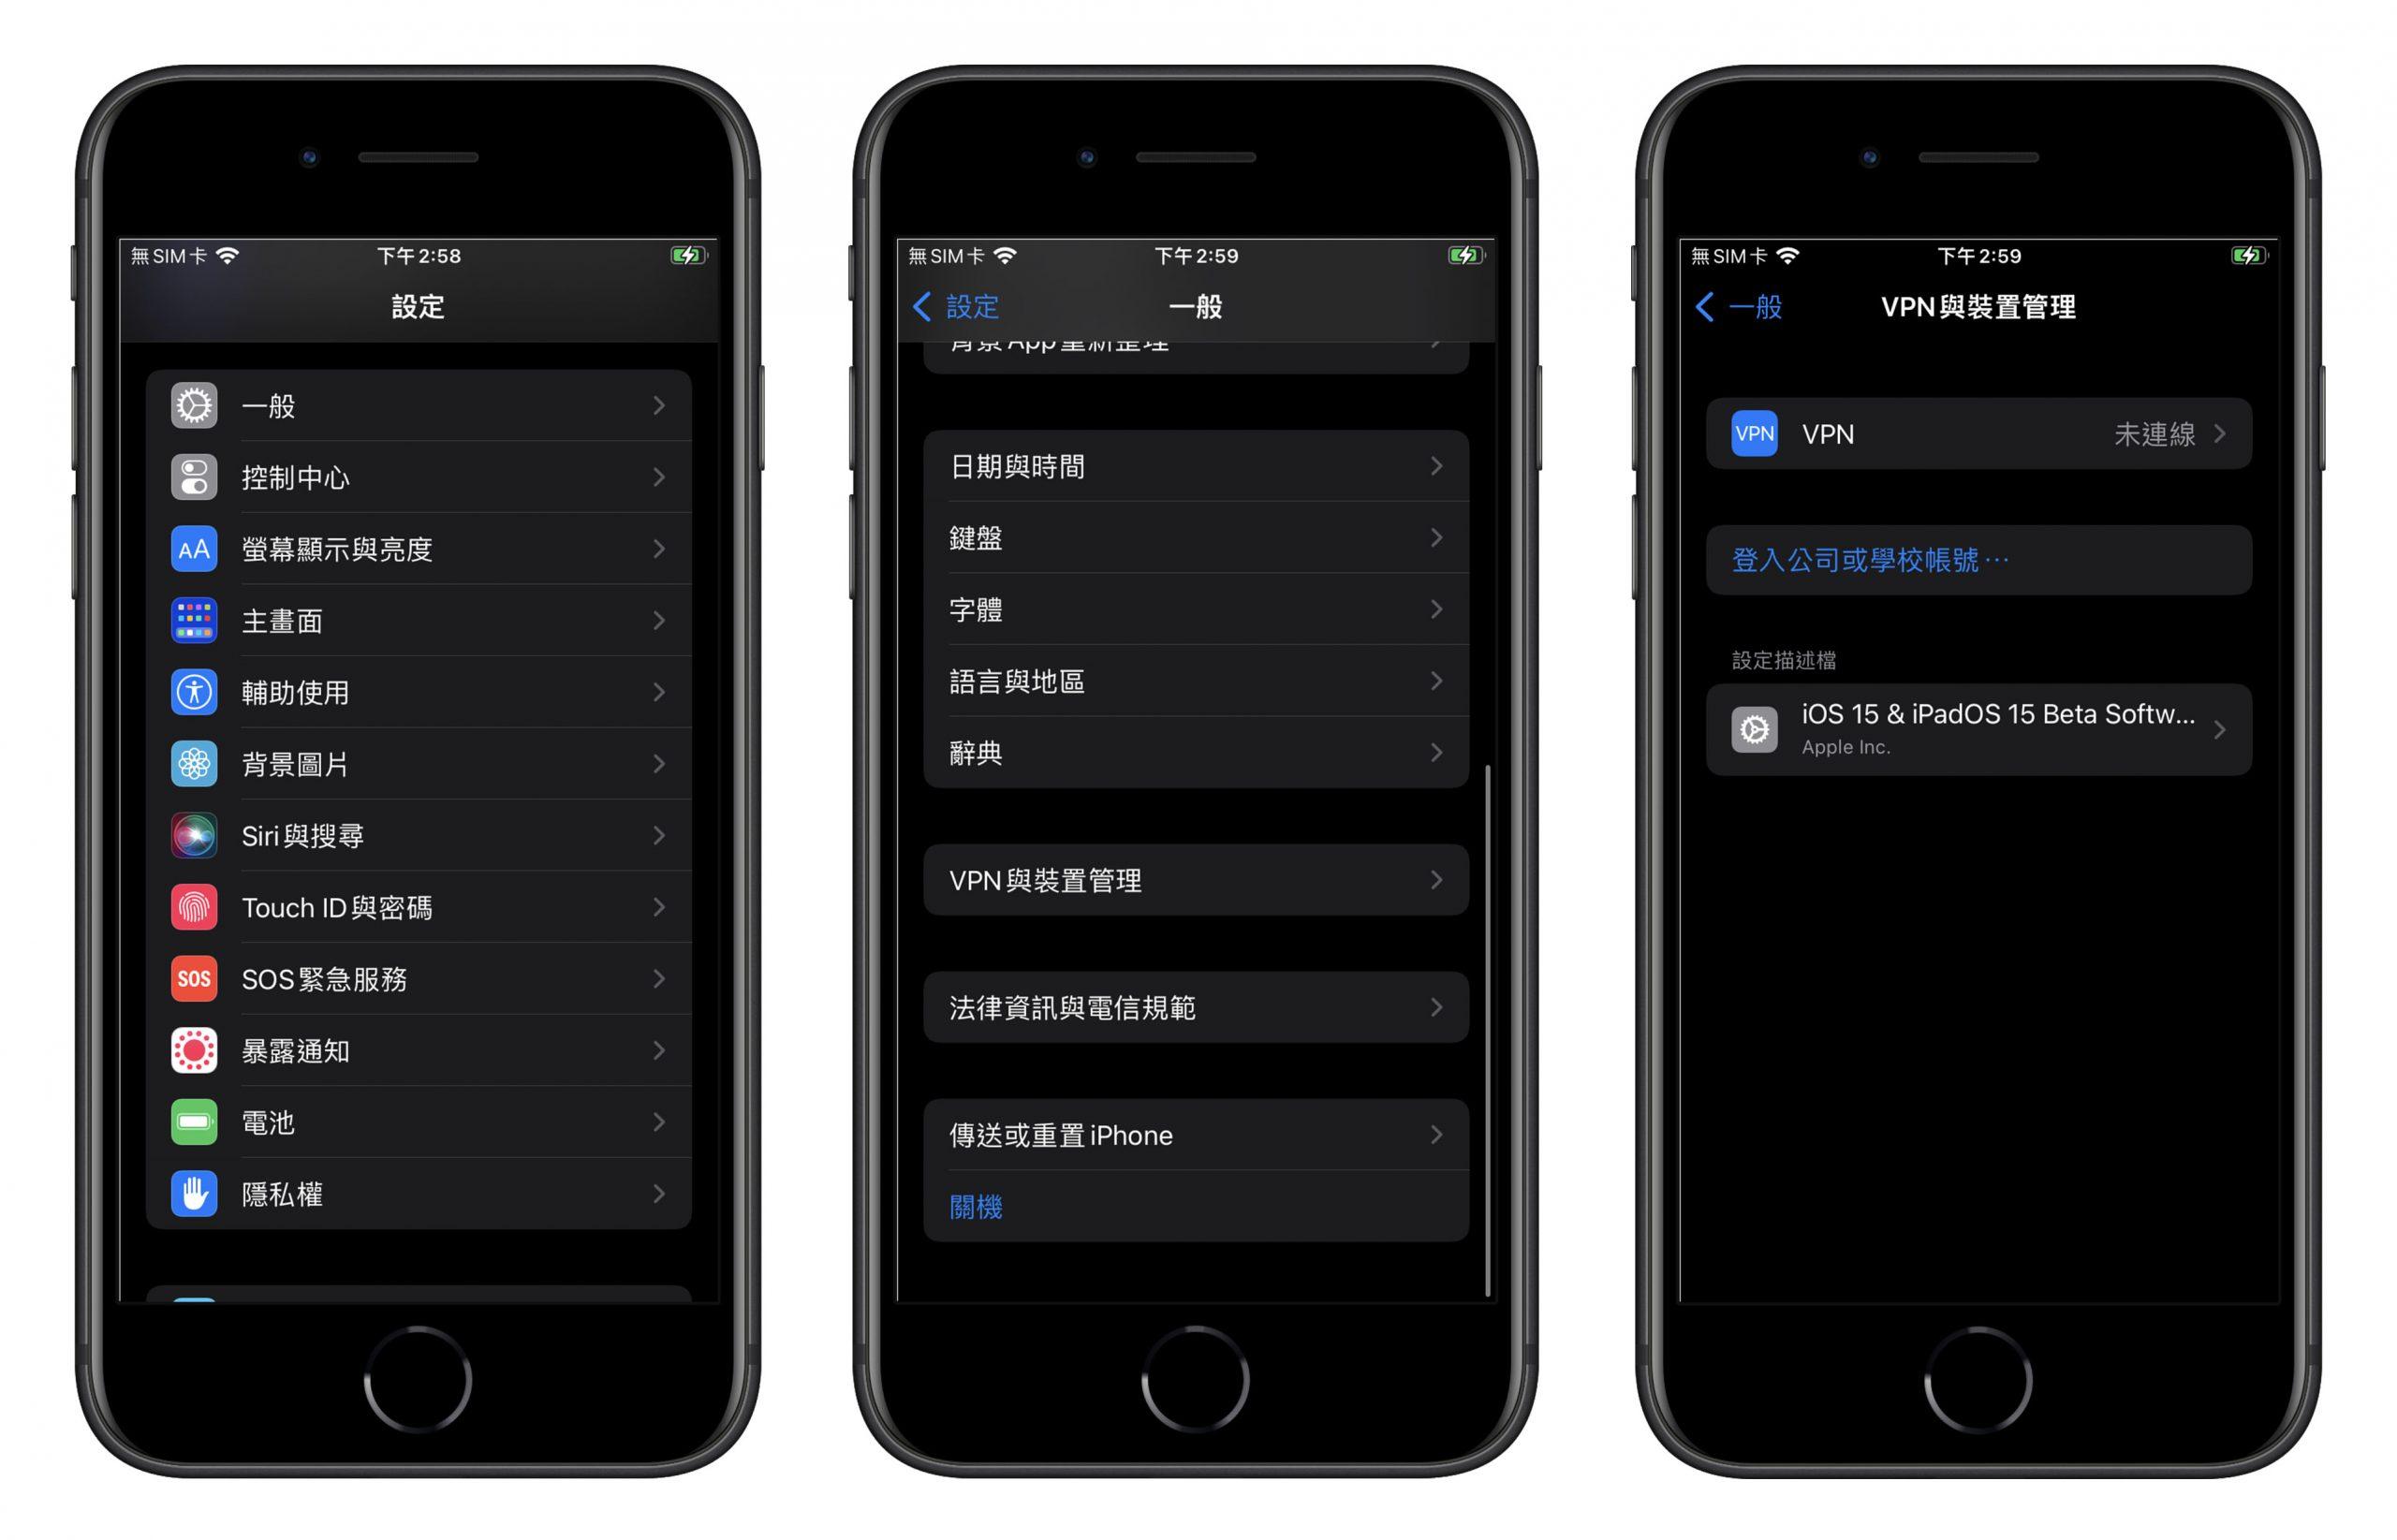 iOS 15 Beta、iOS 15 正式版